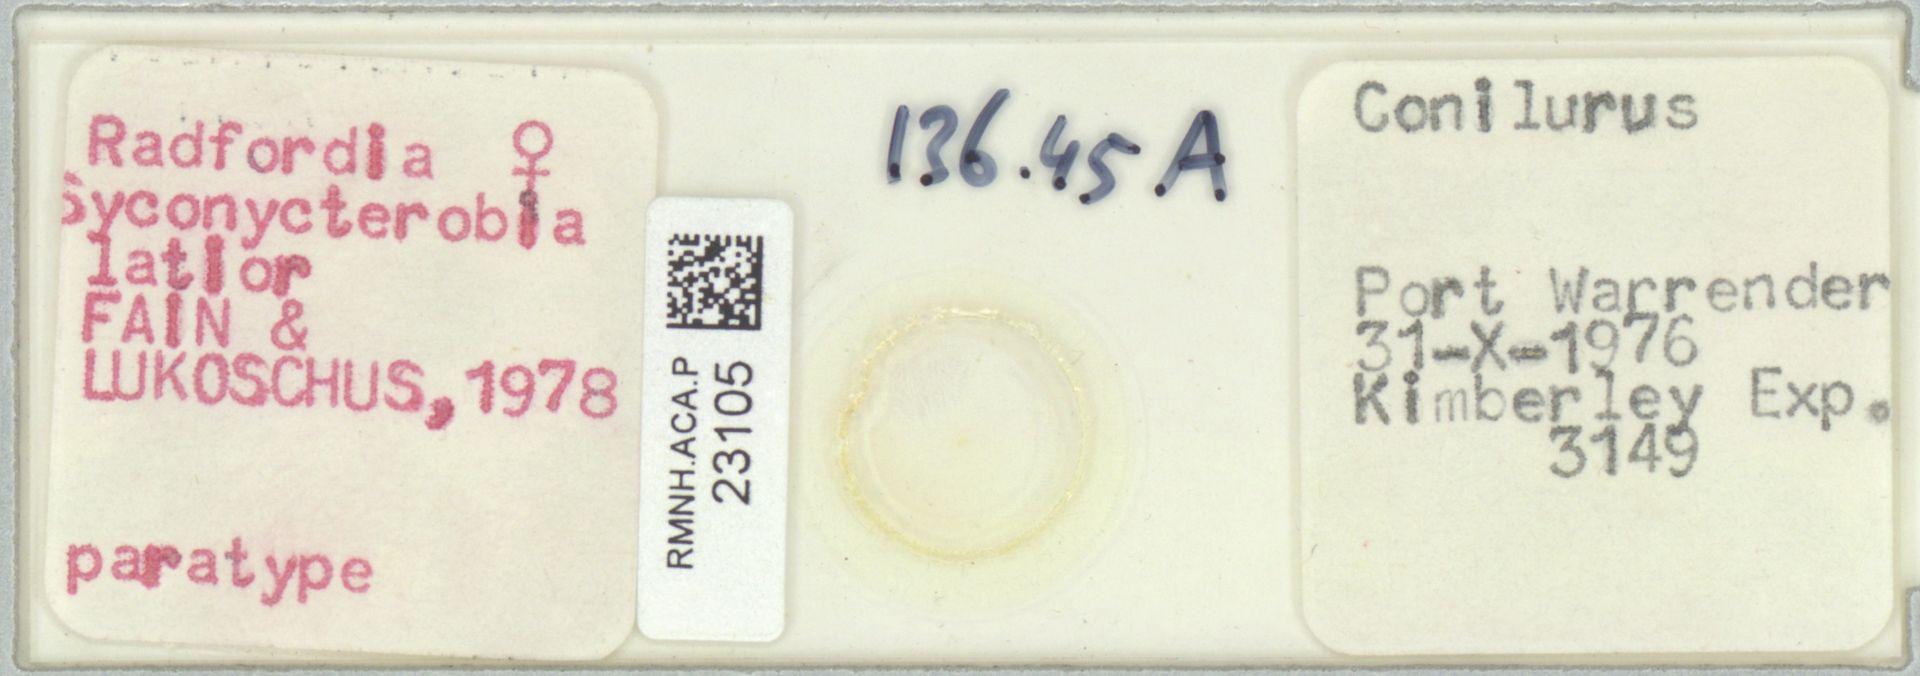 RMNH.ACA.P.23105 | Radfordia (Syconycterobia) latior Fain & Lukoschus 1978